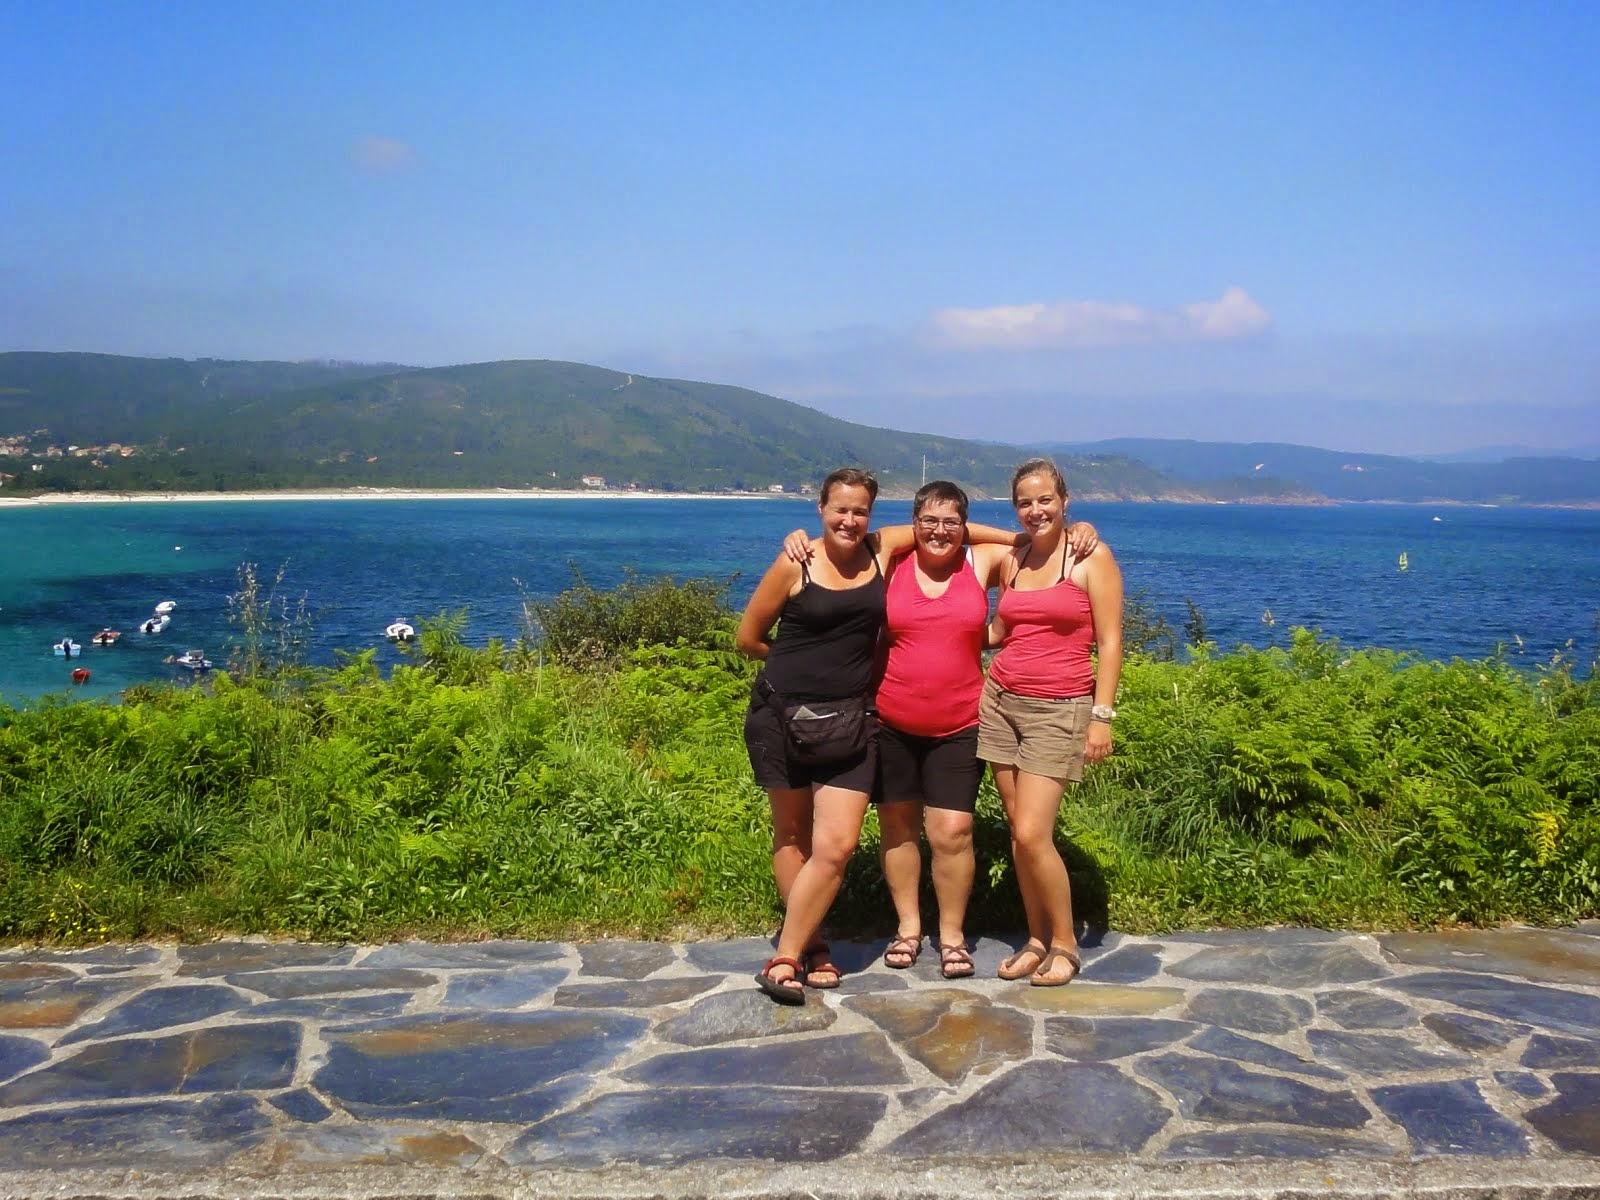 Einde van de reis in Finisterre 2014 voor Vicky, Caroline en Griet